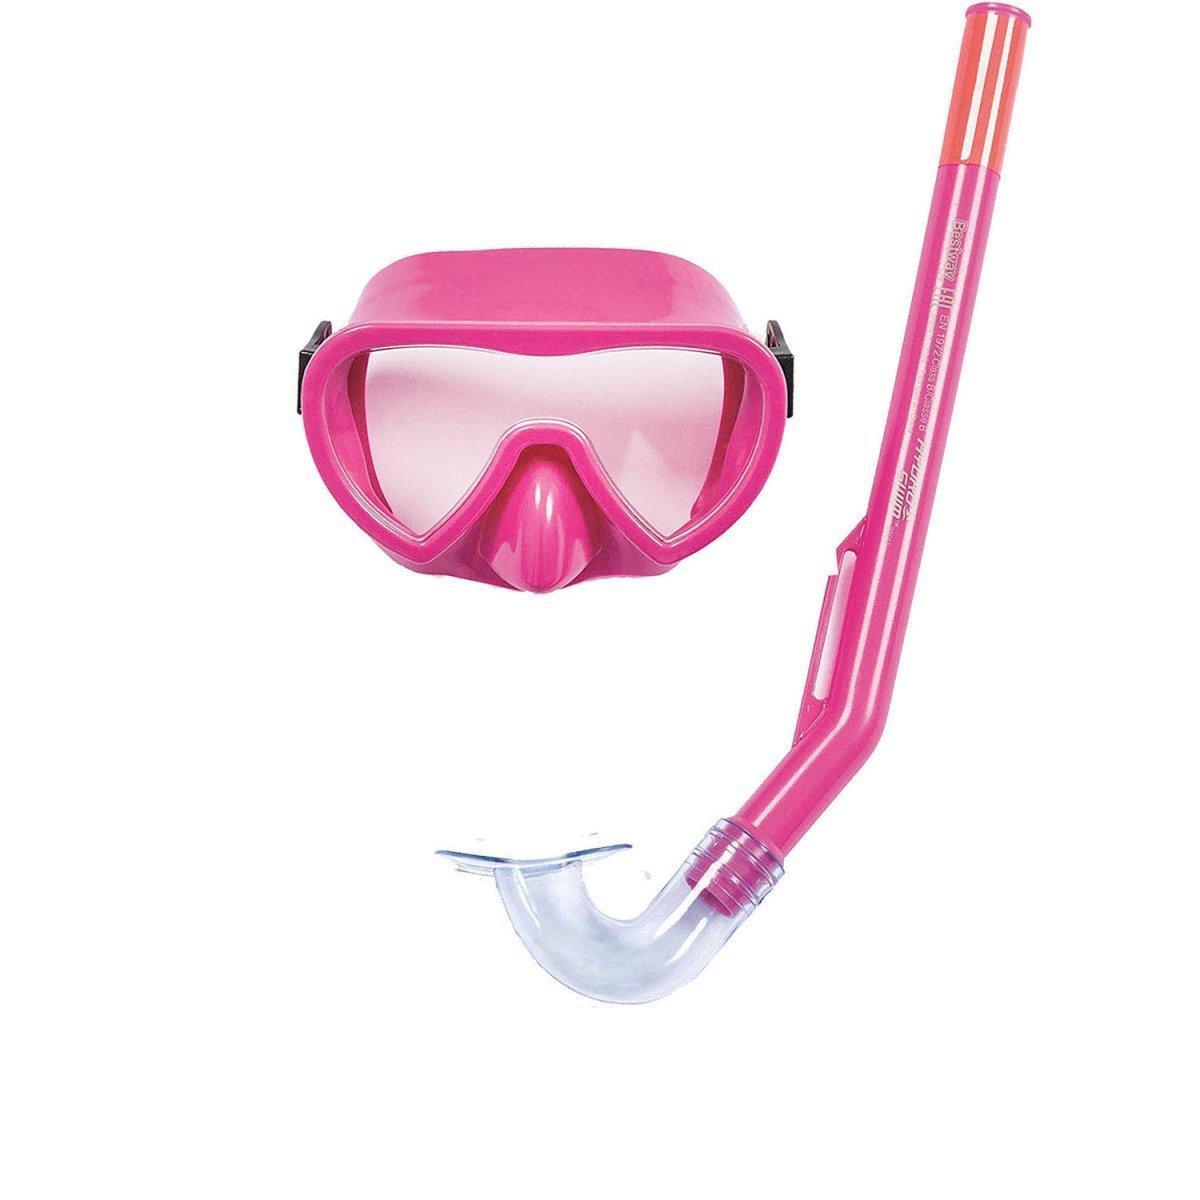 Набор 2 в 1 для ныряния Bestway 24036 (маска: размер S, (3+), обхват головы ≈ 50 см, трубка), розовый